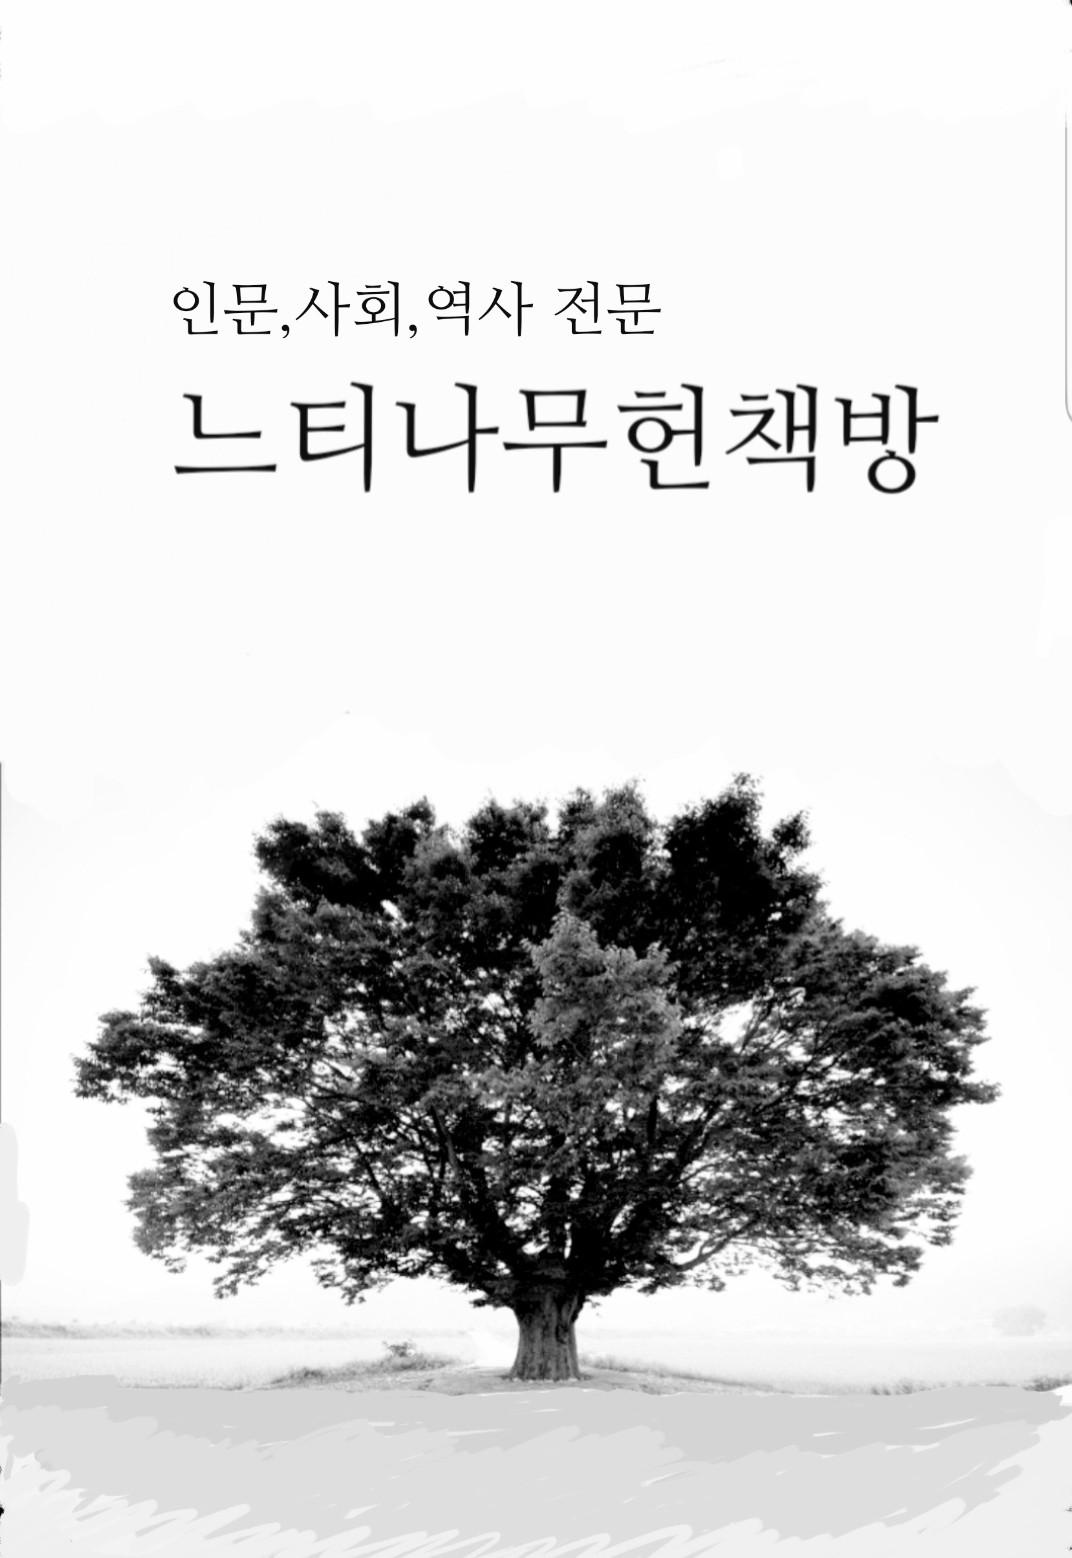 근현대 대전충남지역 한학가의 학맥과 문헌 (알104코너)